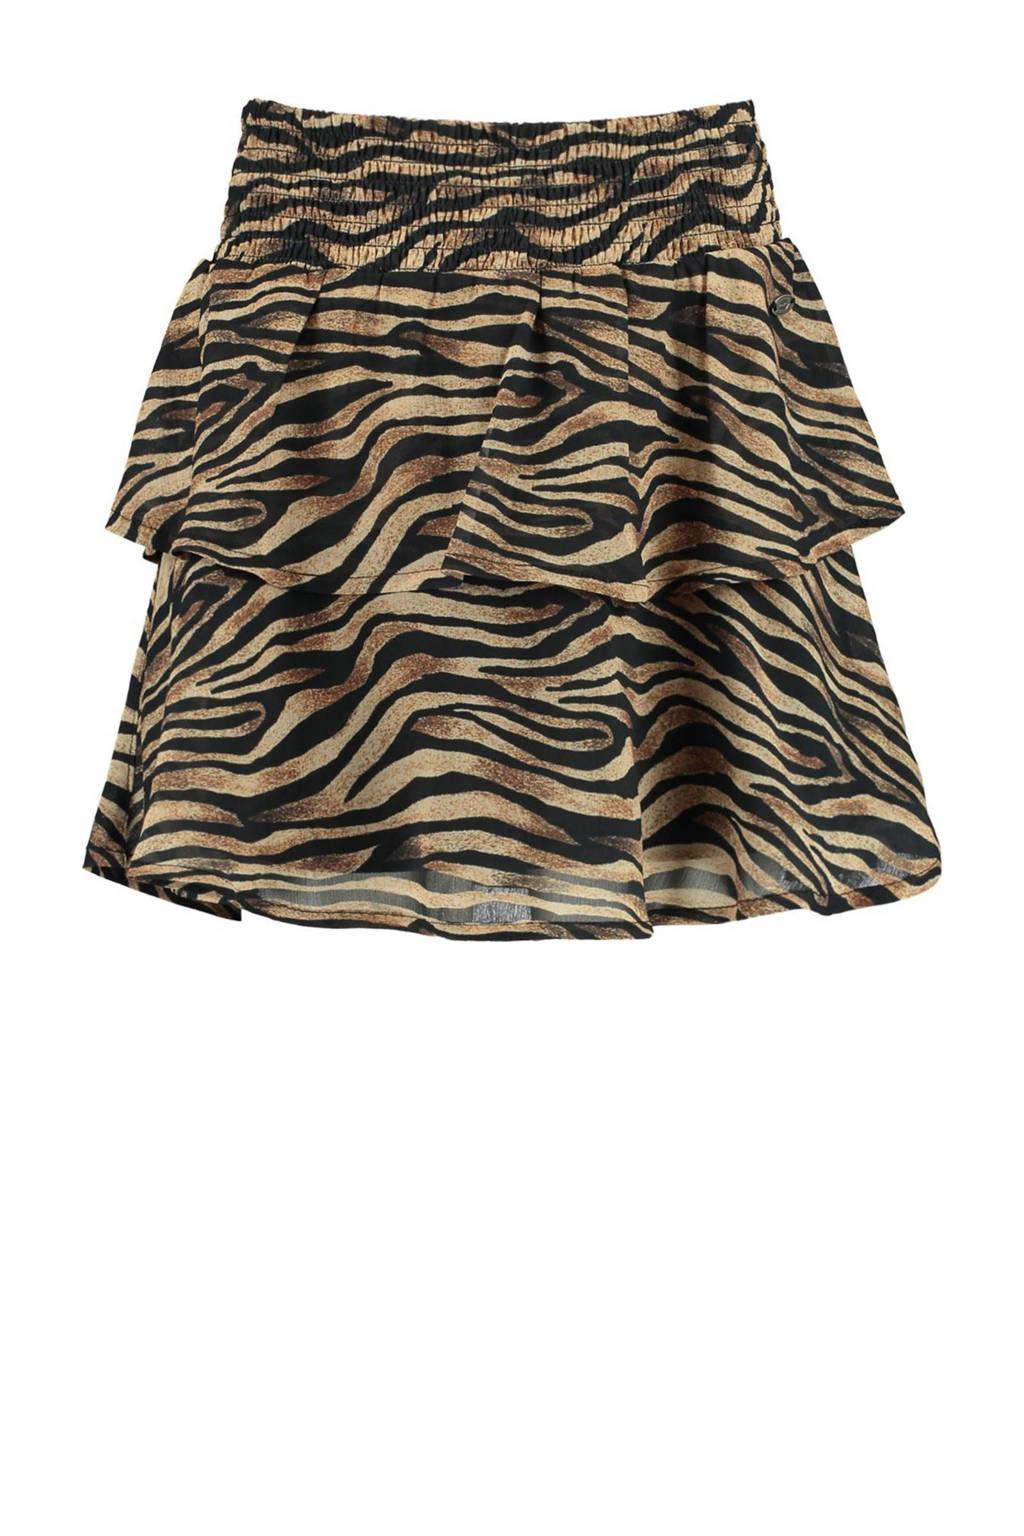 CoolCat Junior rok Ruby met zebraprint bruin/zwart, Bruin/zwart